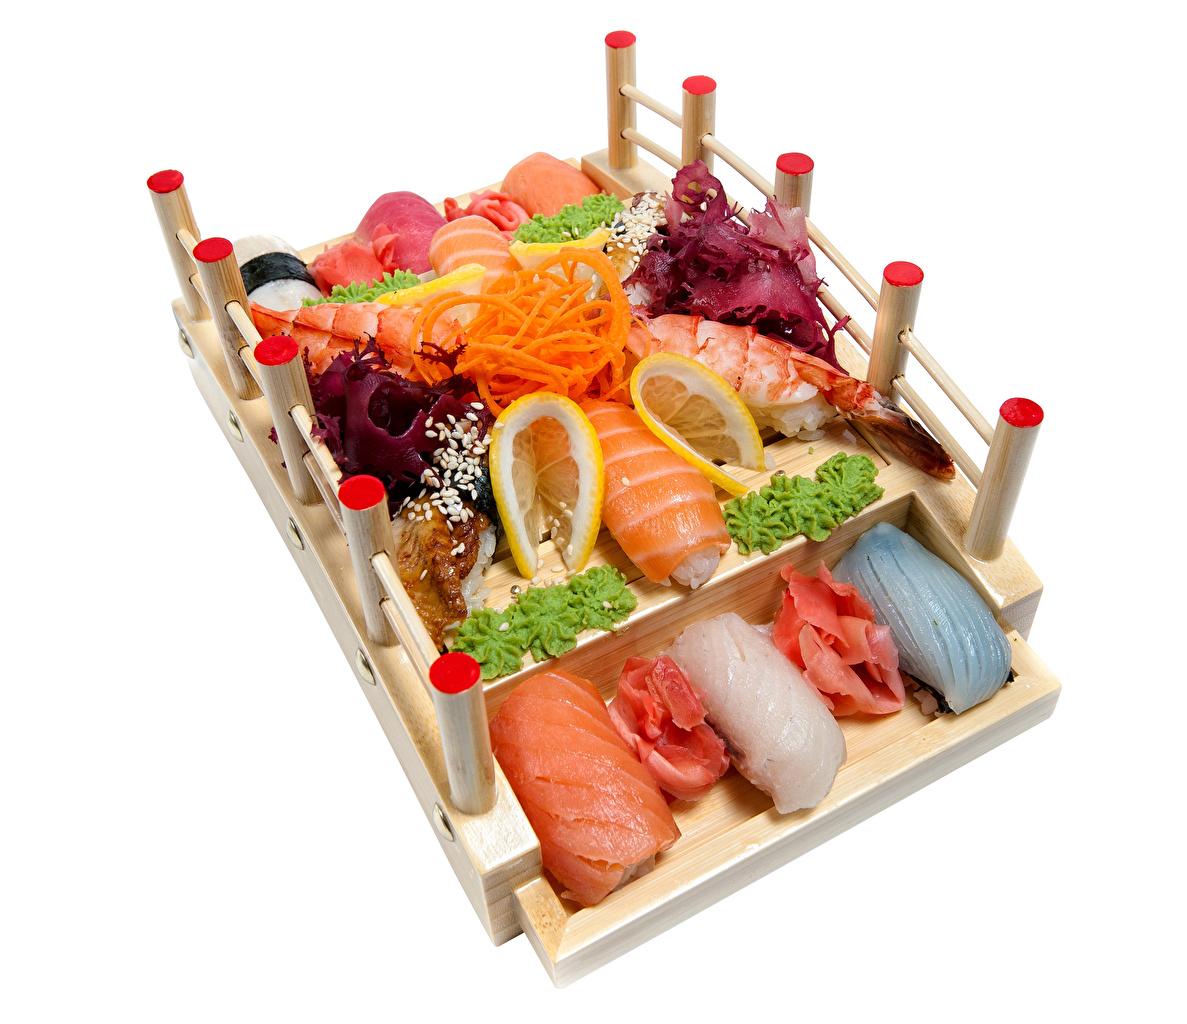 Фотография Суши Лимоны Еда Овощи белым фоном Морепродукты суси Пища Продукты питания Белый фон белом фоне